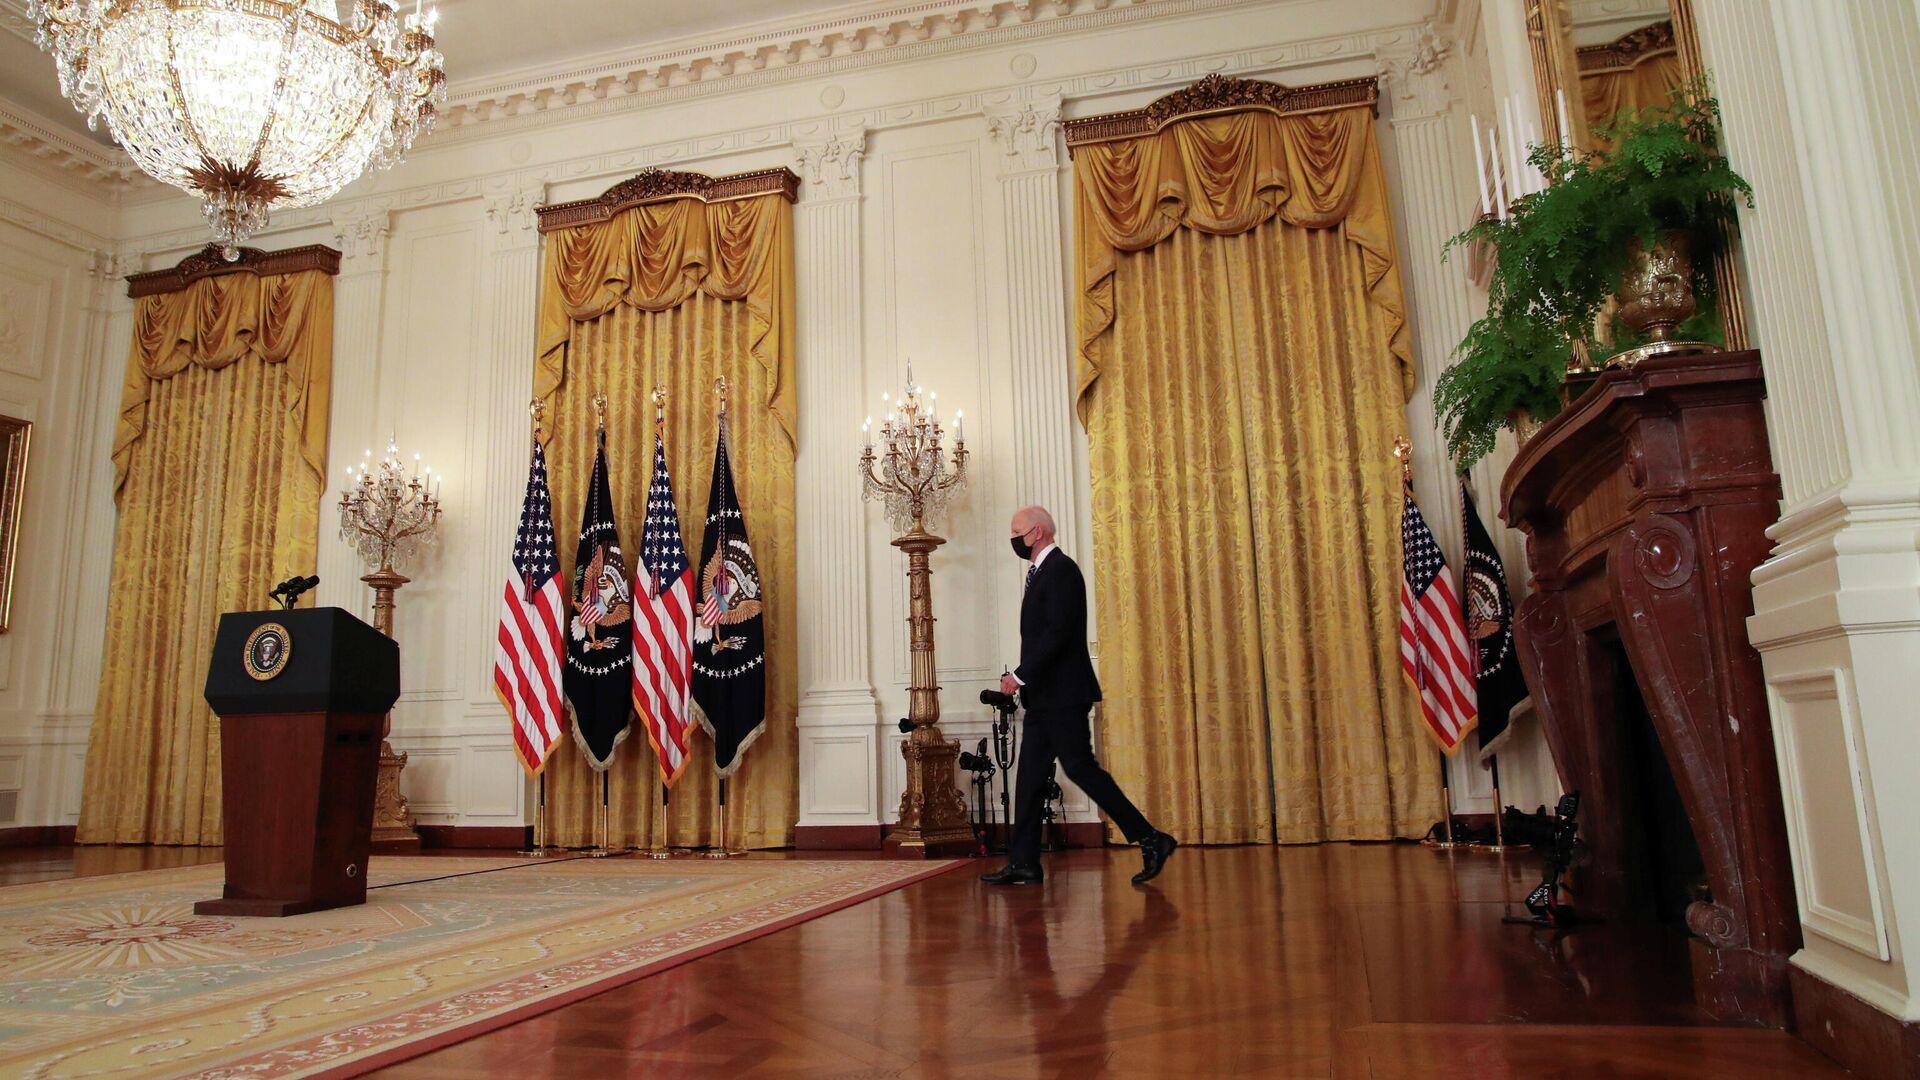 Президент США Джо Байден перед началом первой пресс-конференции в Белом доме в Вашингтоне - РИА Новости, 1920, 05.04.2021